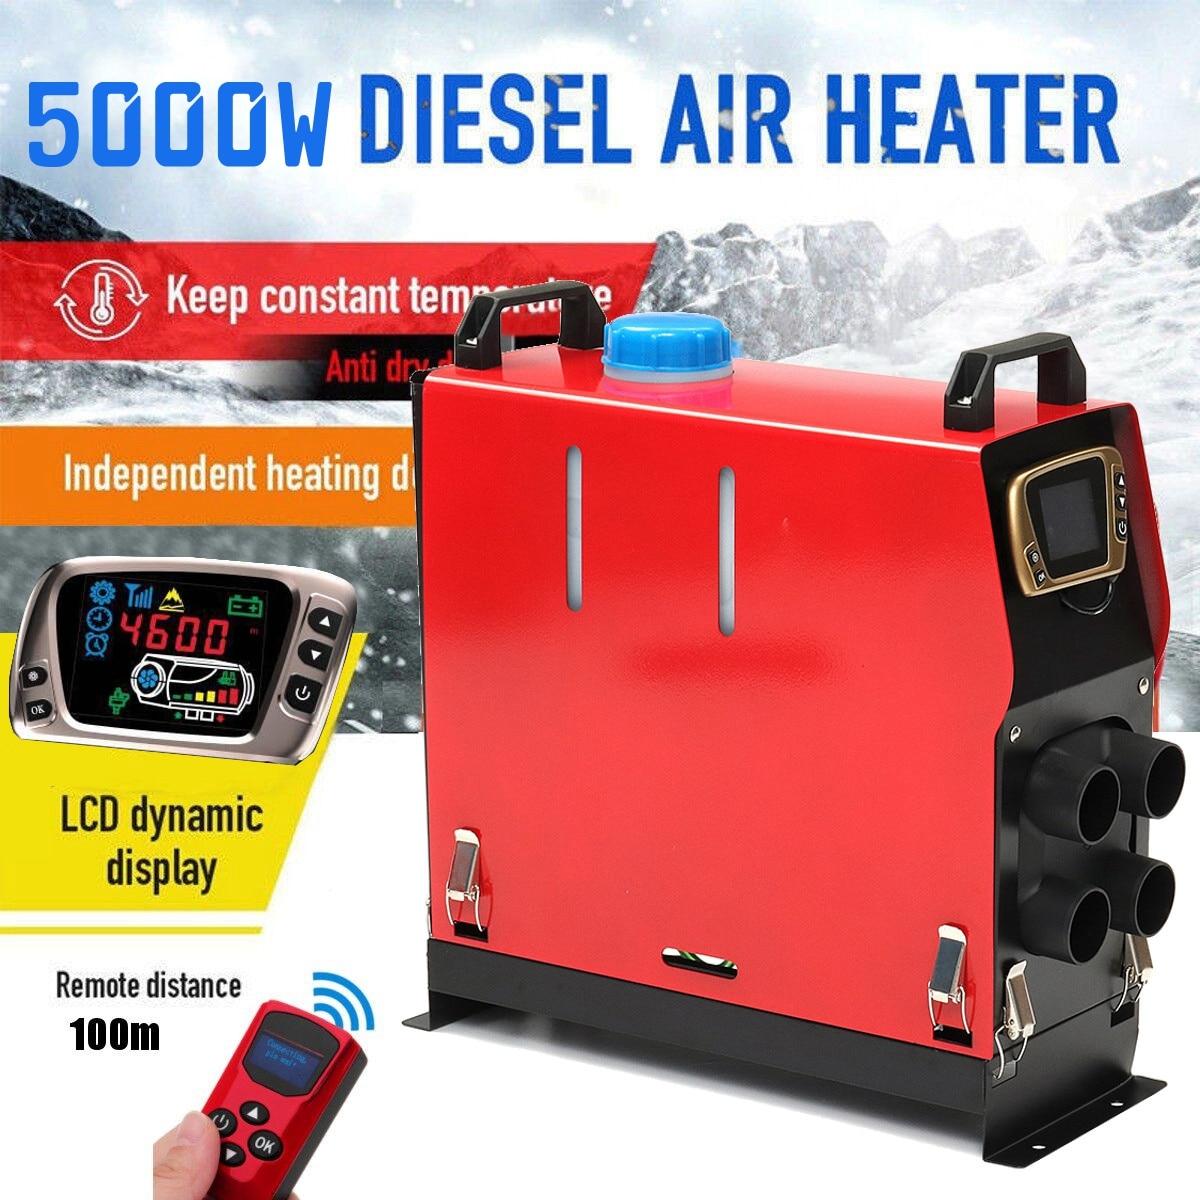 Tout En Un 5000 w Air diesels Chauffe-5KW 12 v Chauffage De la Voiture Pour Camions Moteur-Maisons Bateaux Bus + date LCD Interrupteur à clé + télécommande